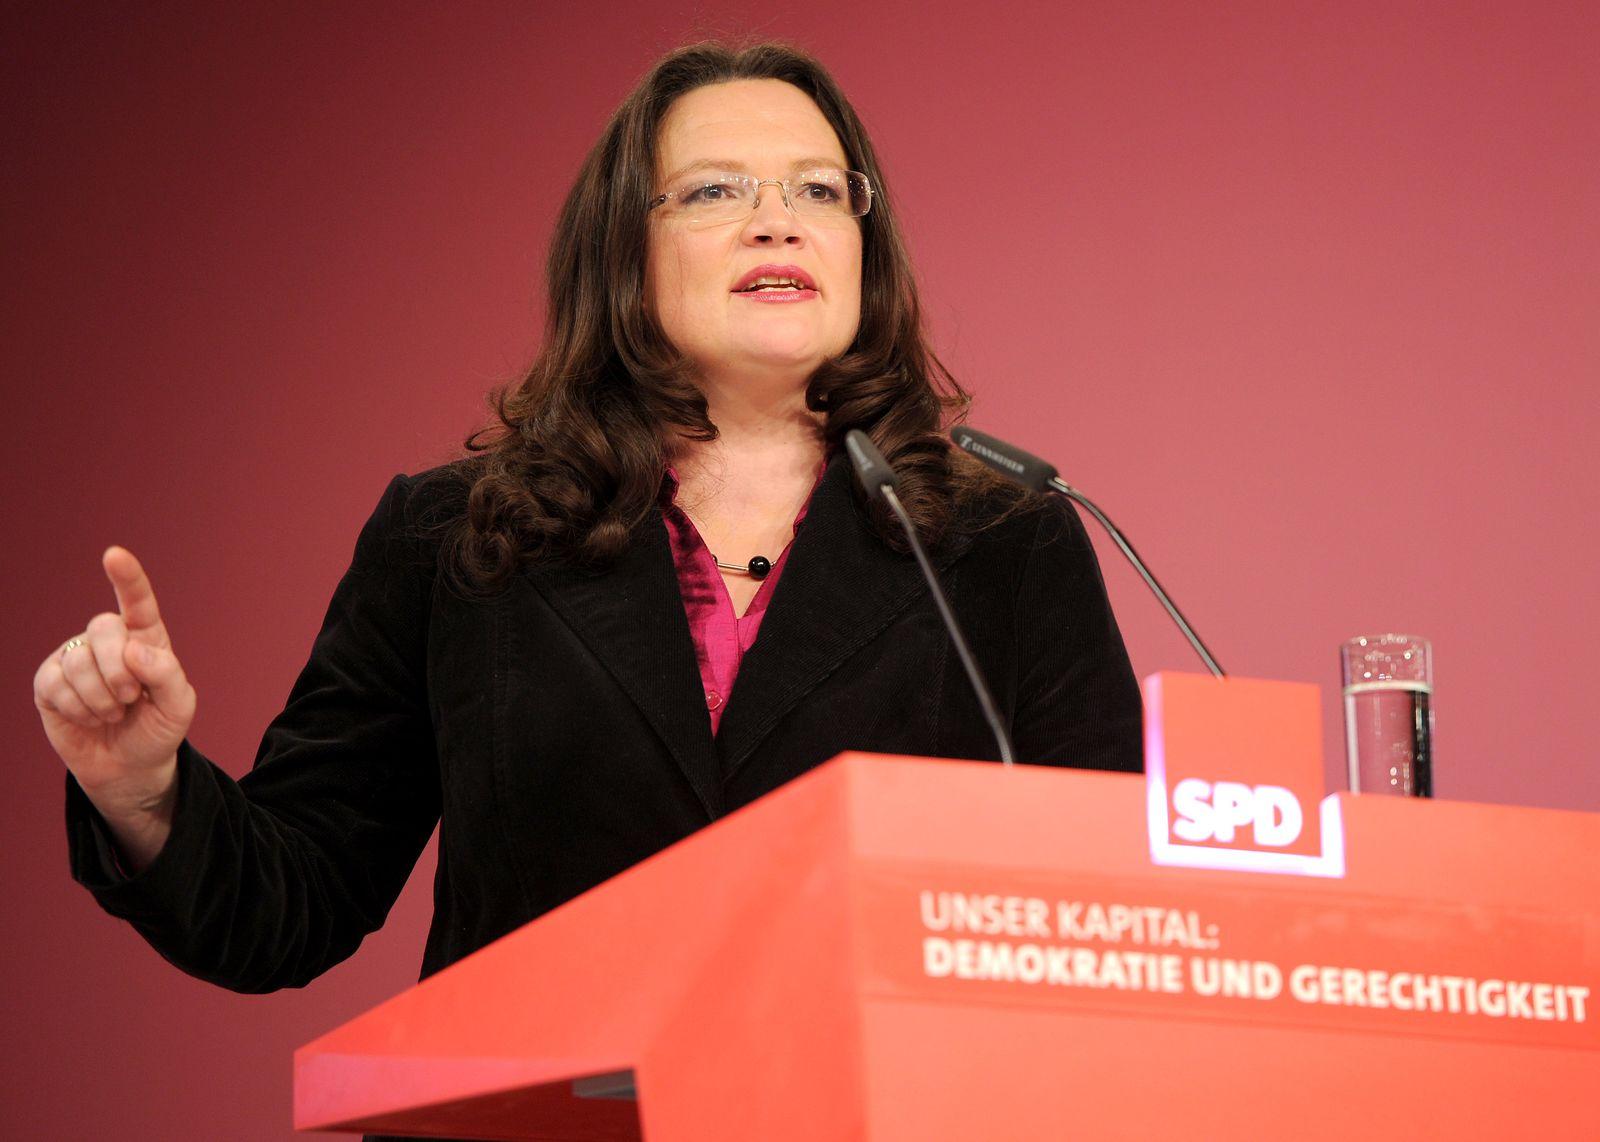 SPD-Parteitag Andrea Nahles